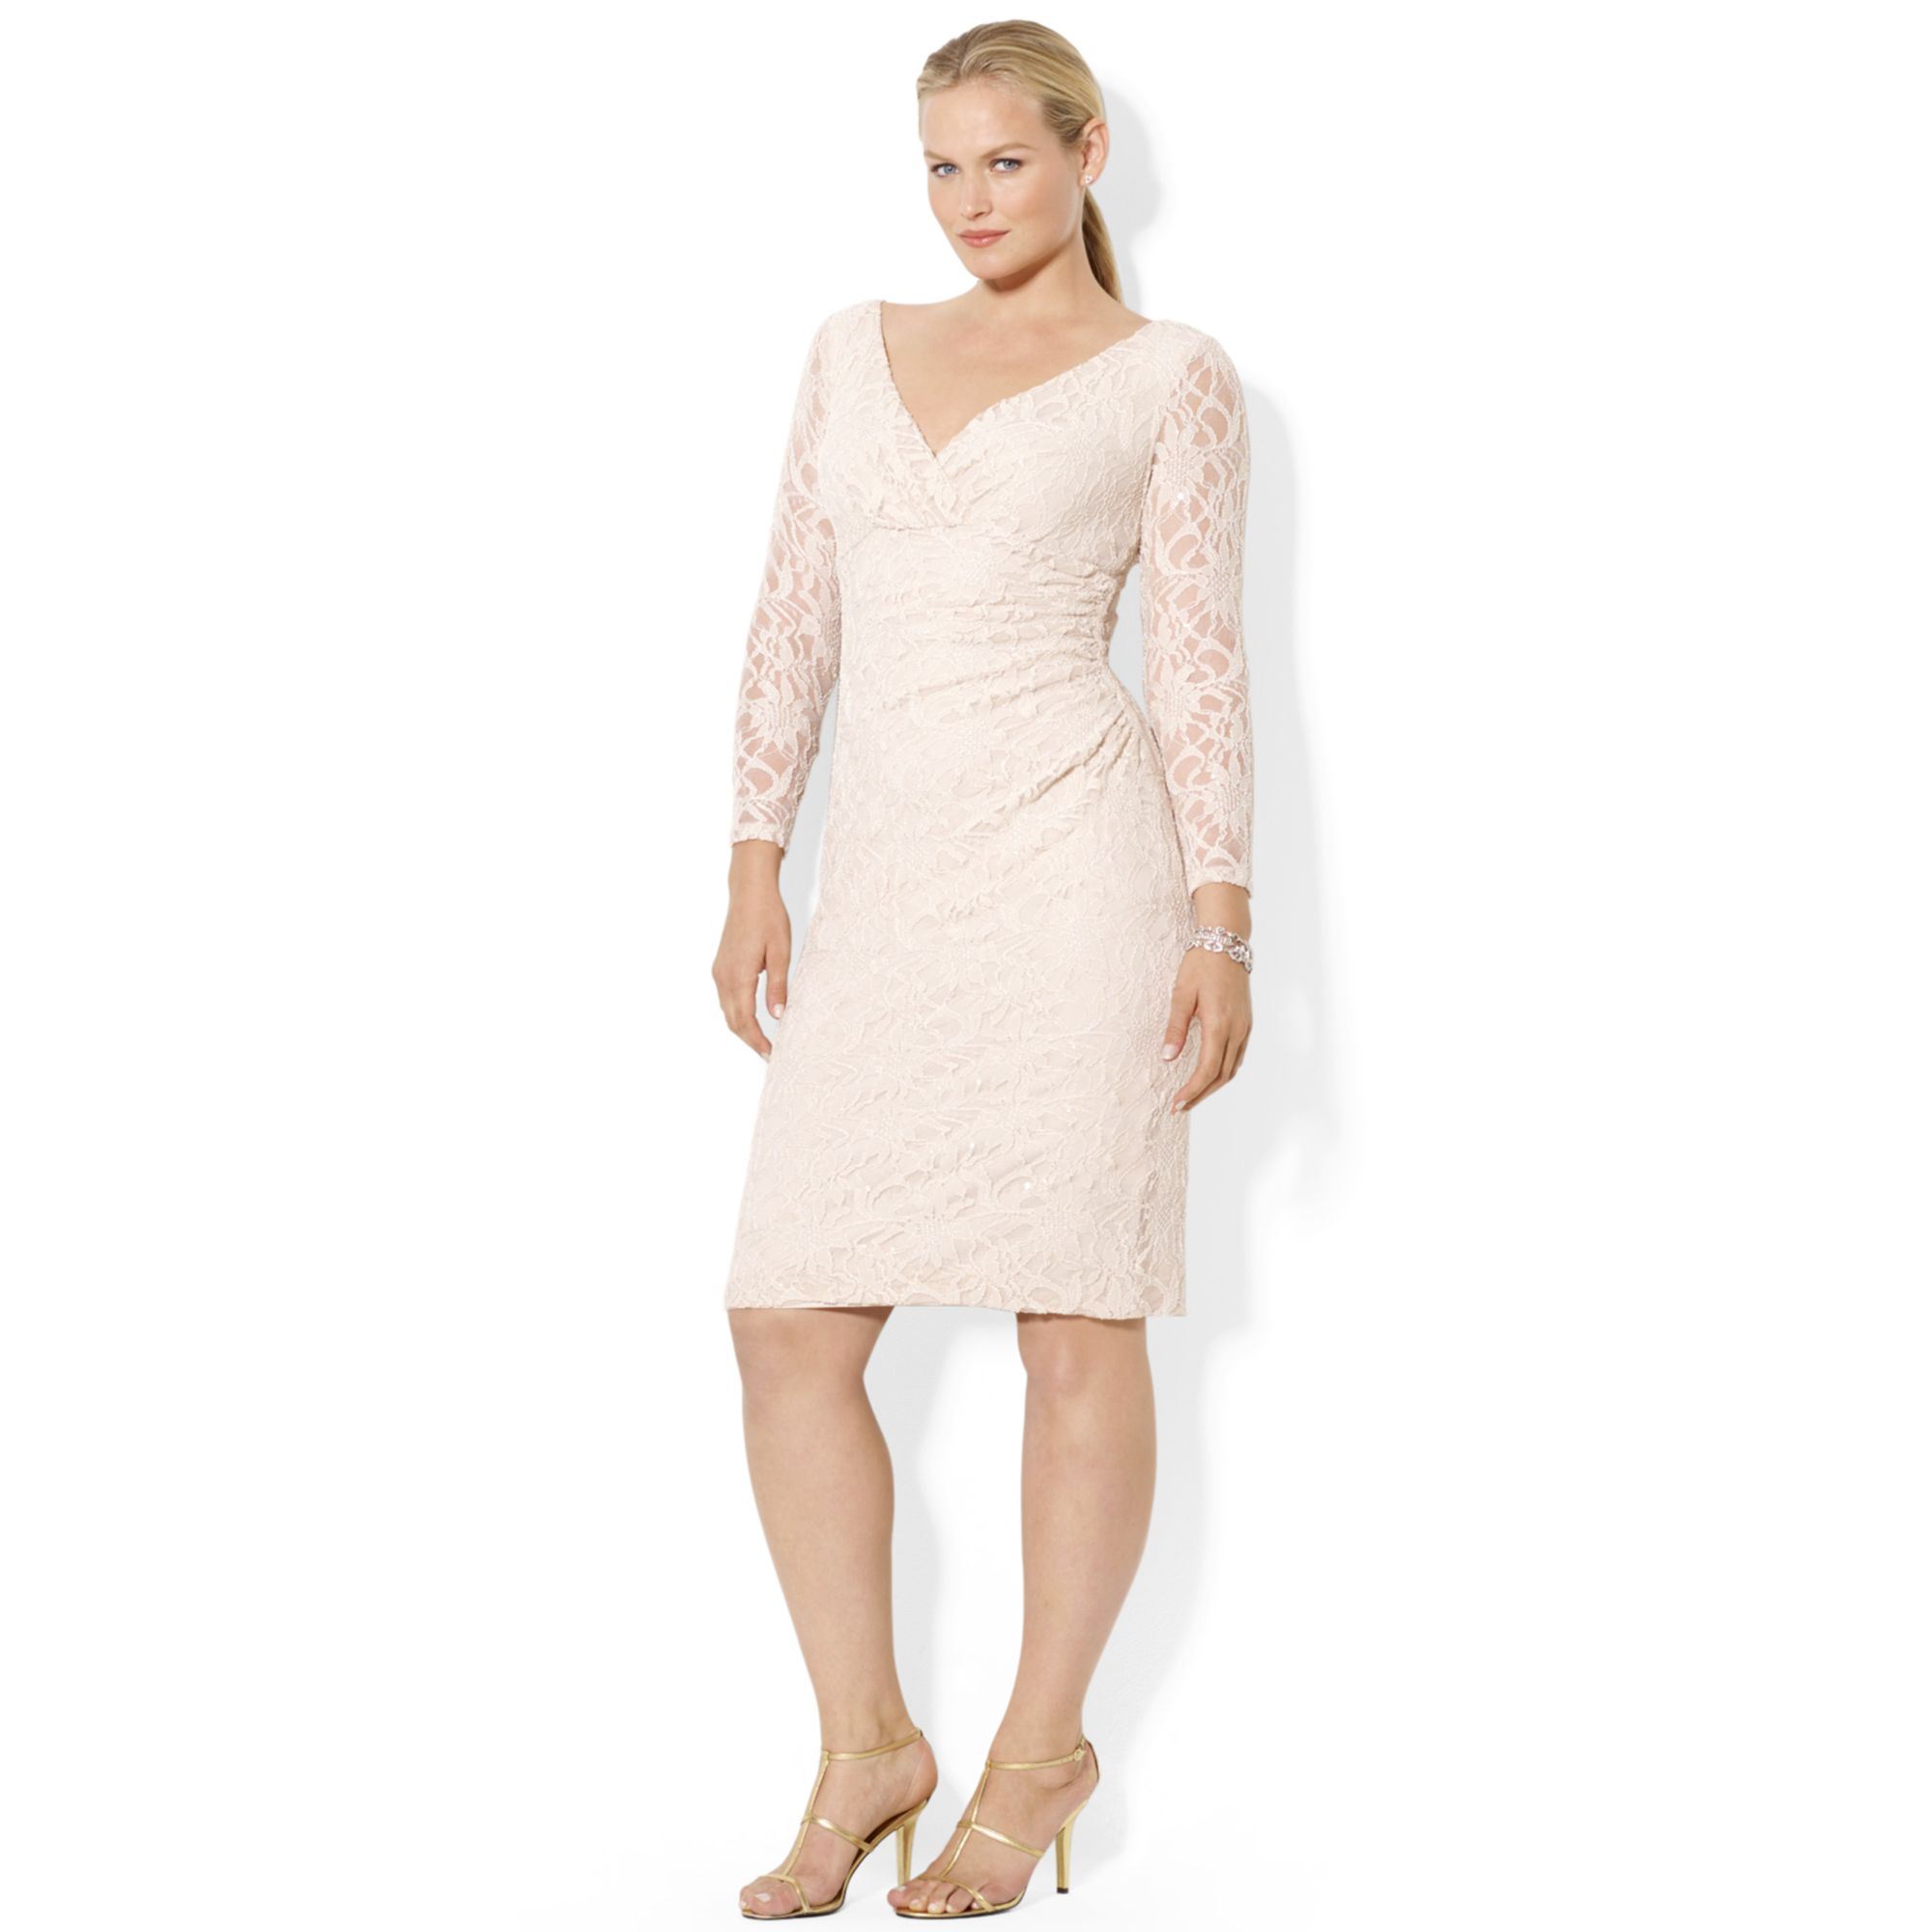 Lauren by ralph lauren Plus Size Longsleeve Lace Sheath Dress in ...